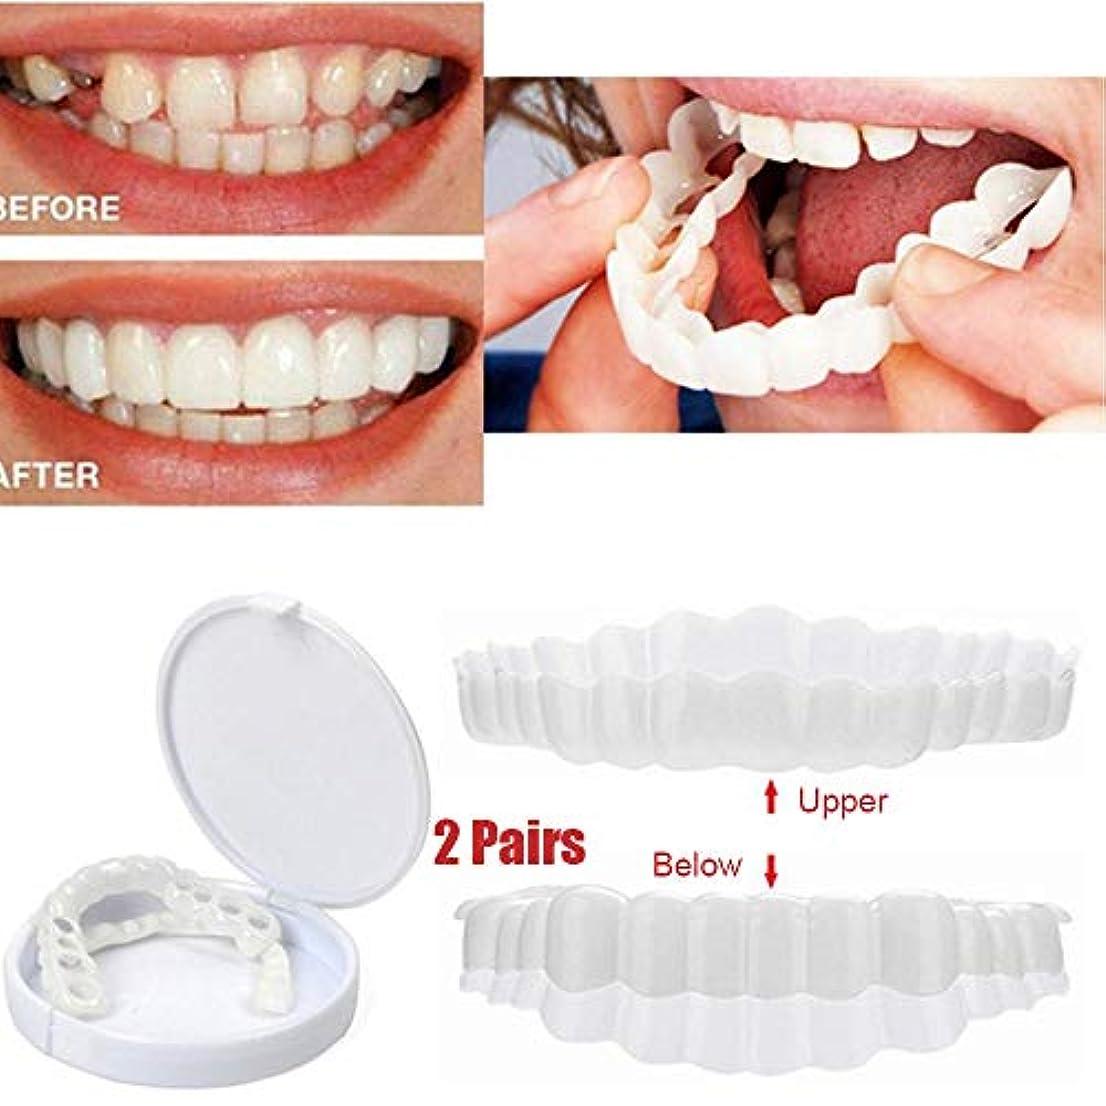 本物の変わるセント白くなるベニヤ歯美容メイクアップ歯快適で柔軟な歯のケアケア自信を持って笑顔黄色い歯悪い歯ホワイトニングオーラルケア(2ペア)